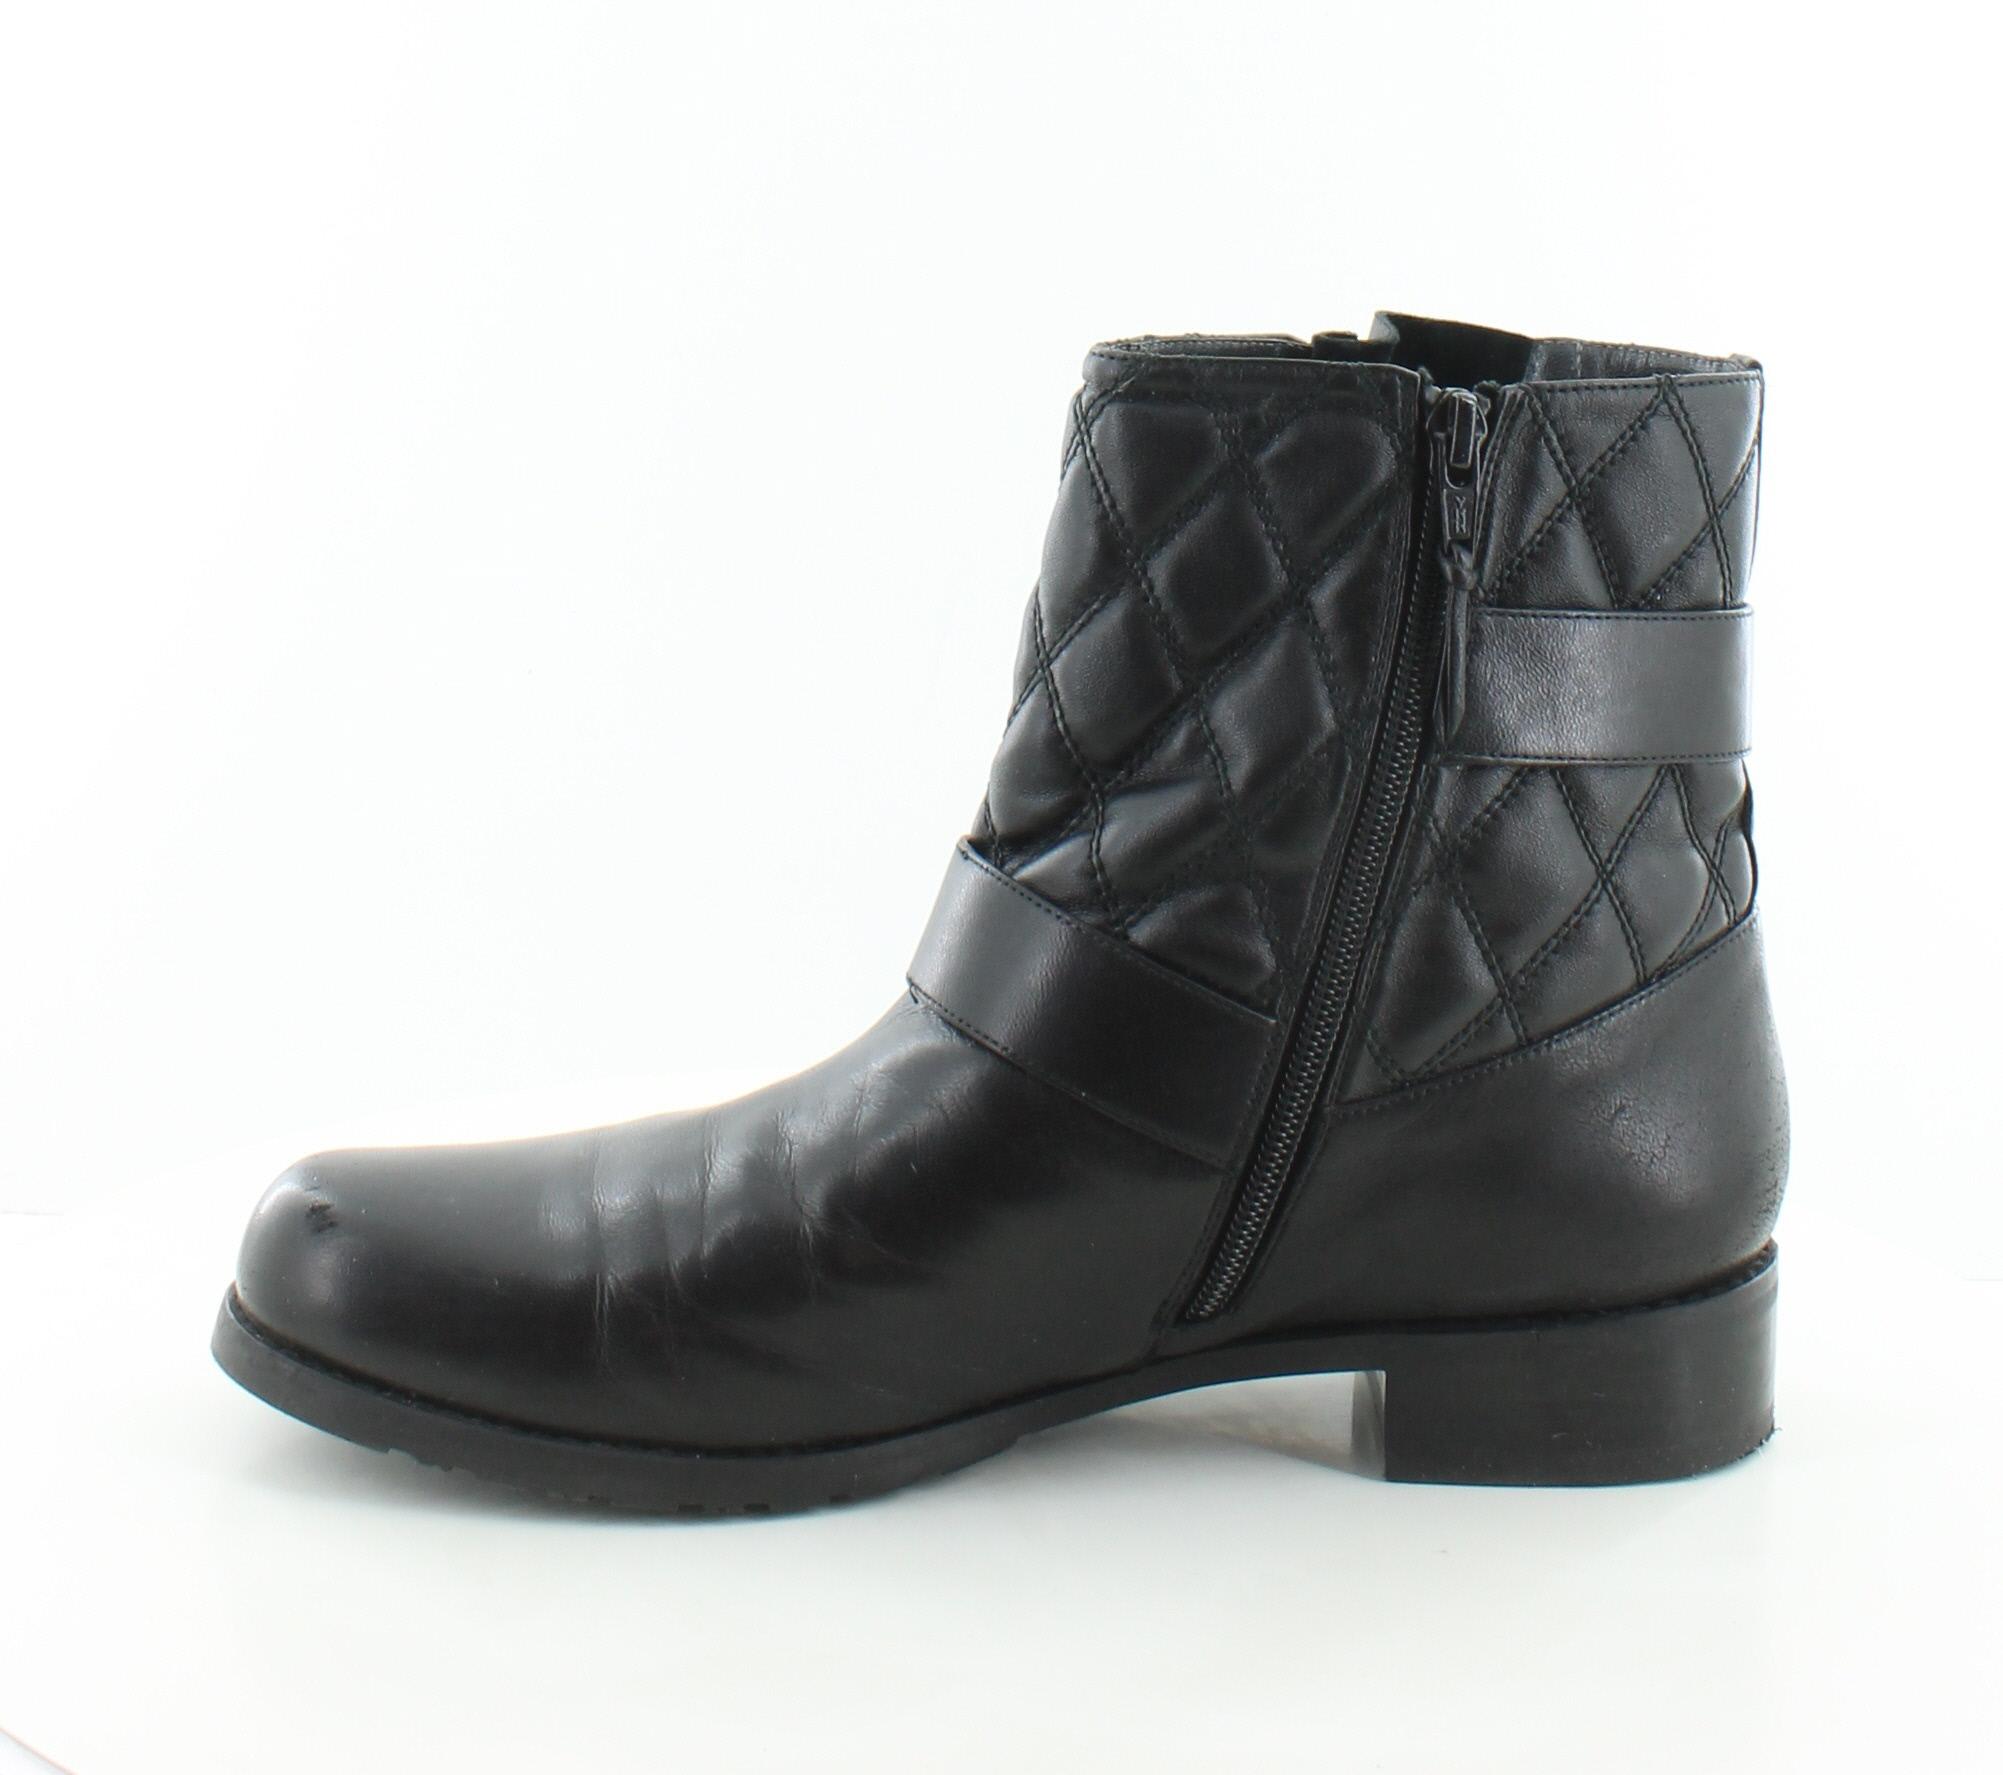 Stuart Weitzman Download Black Womens Shoes Size 8 5 M Boots MSRP $498